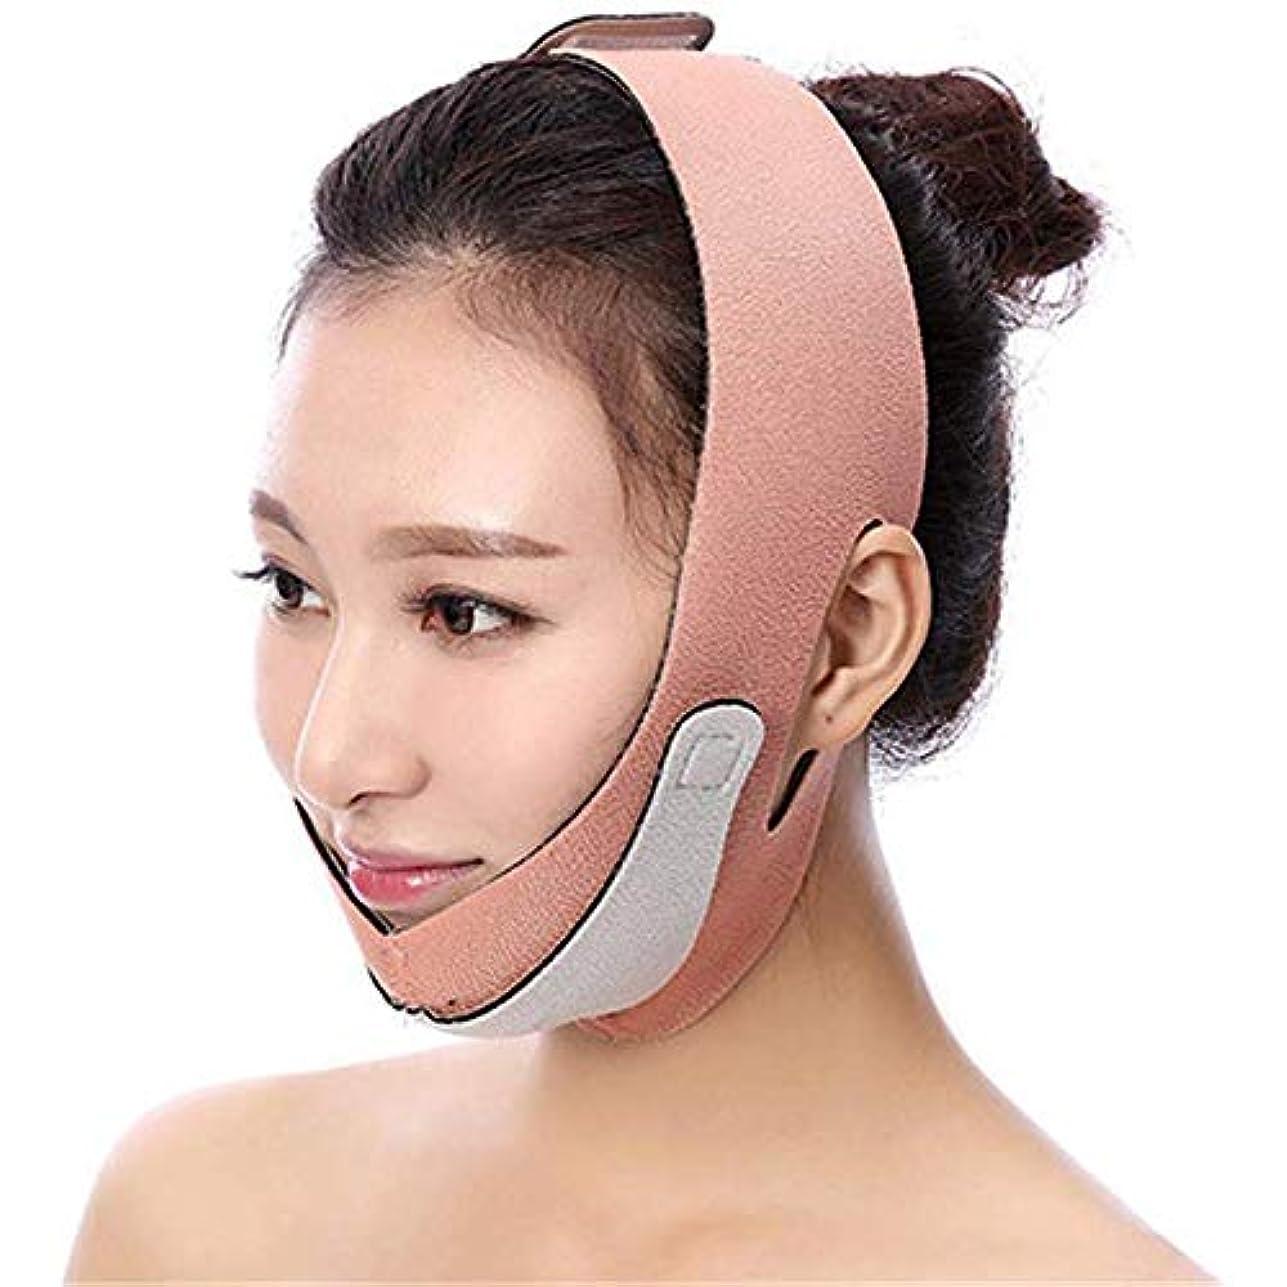 落花生強い遅れWSJTT 顔のスリミングチンストラップ - チンをエイジングアンチフェイシャルマスクを持ち上げ - 皮膚のたるみ二重あごケア減量フェイスベルト、Vフェイスライン包帯ネックサポートフェイシャルリフトを排除